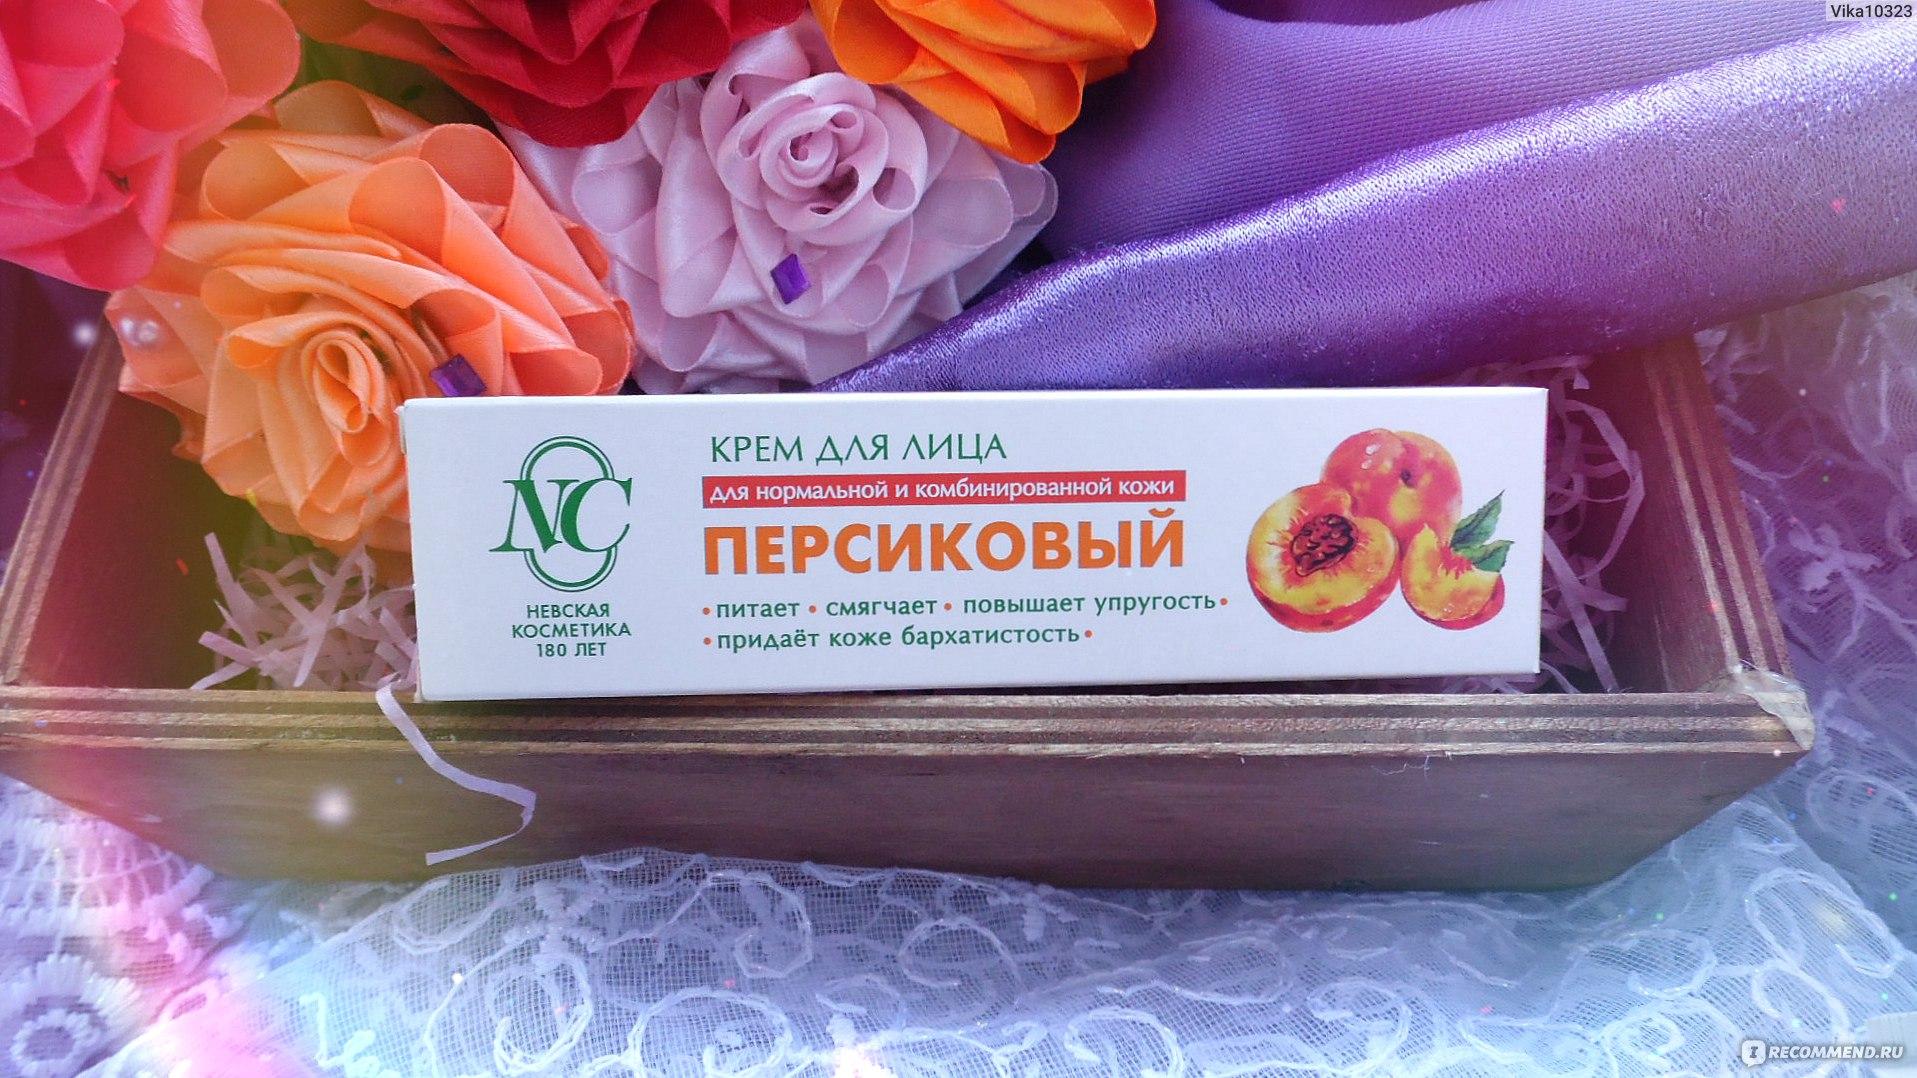 Где купить невскую косметику в челябинске косметика health beauty купить минск